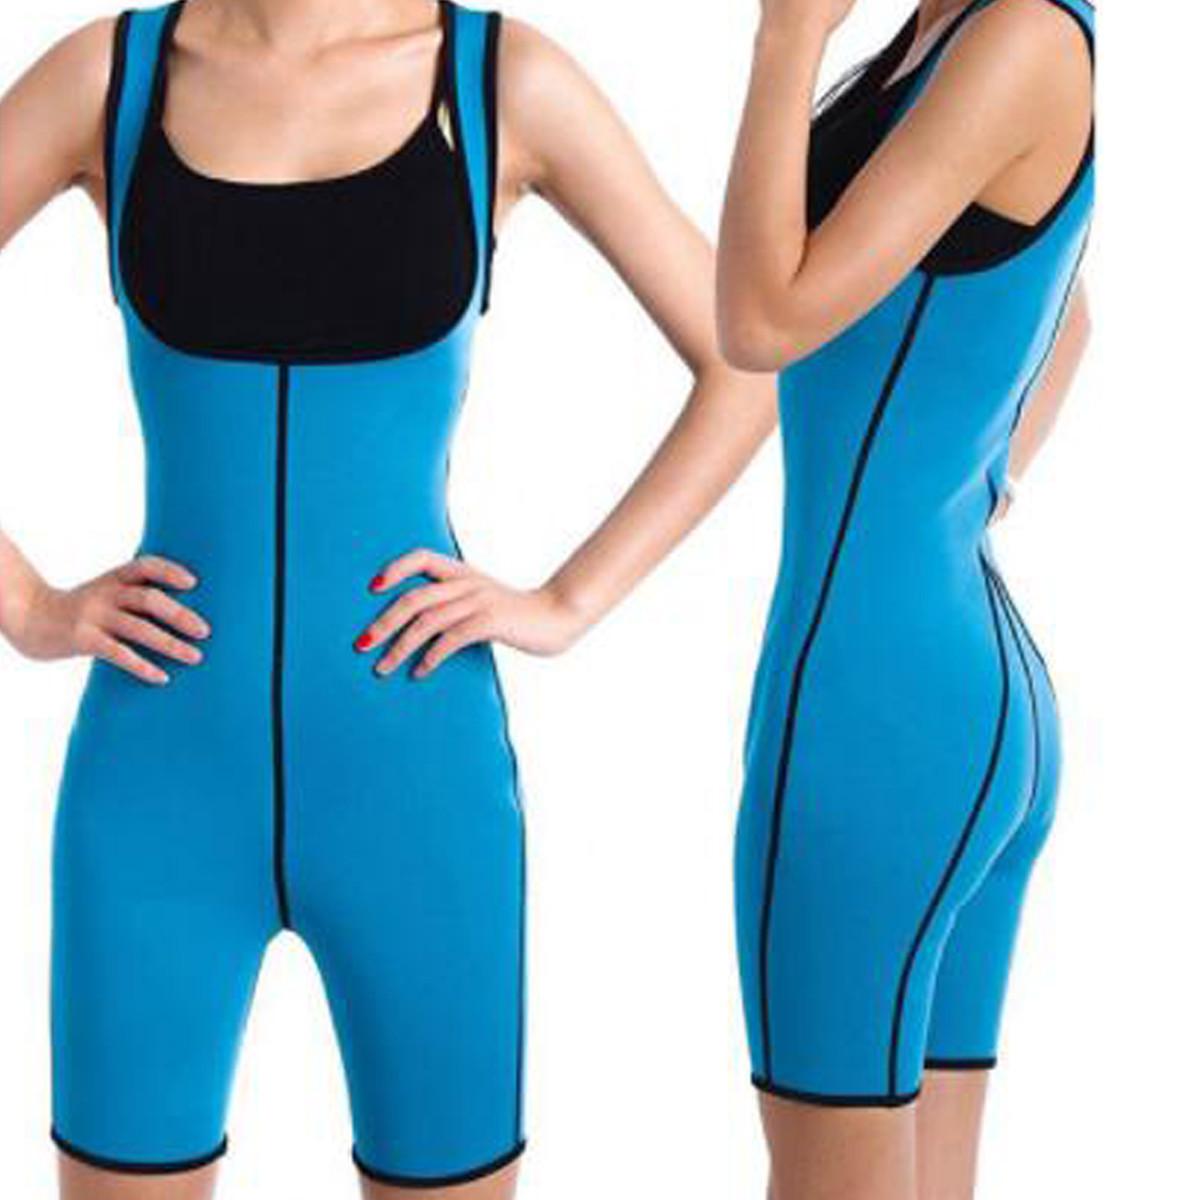 Shapewearженщинвсеготелаформировательпота Фитнес Спортзал Спорт Похудение Keep Fit Сауна Жилет костюм - 1TopShop